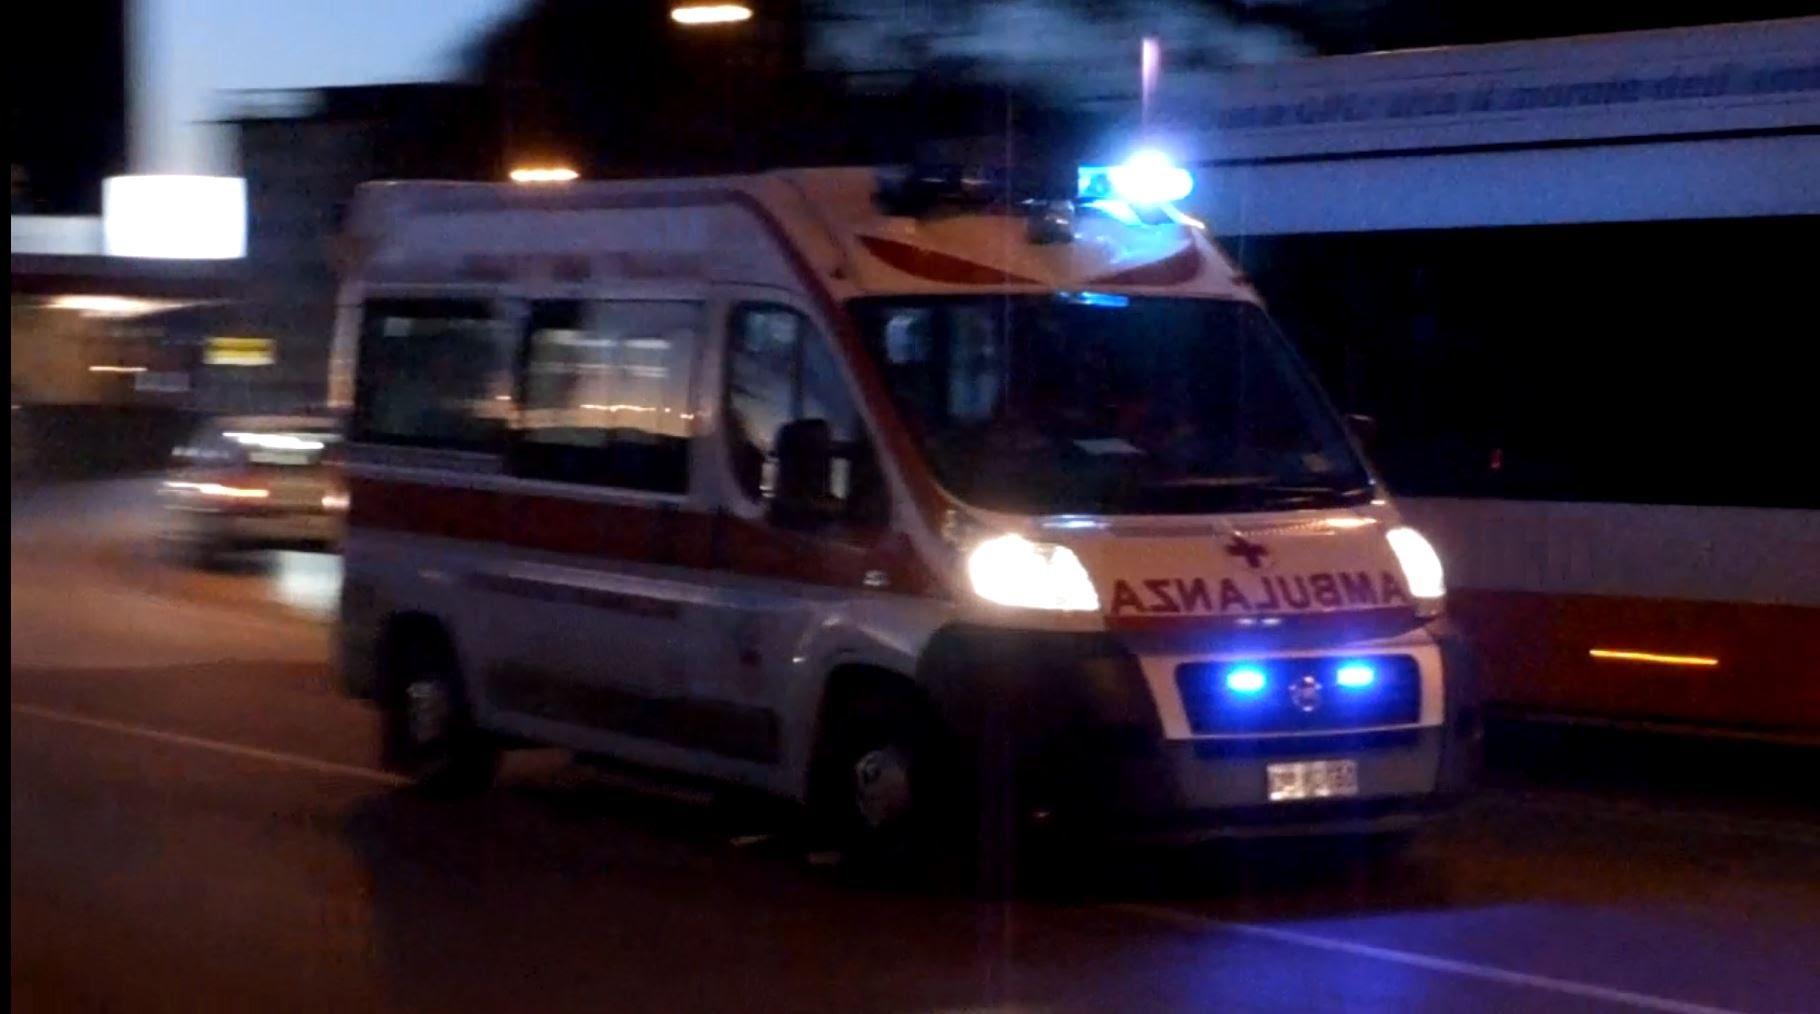 Casalinga muore dopo mal di schiena, disposta autopsia